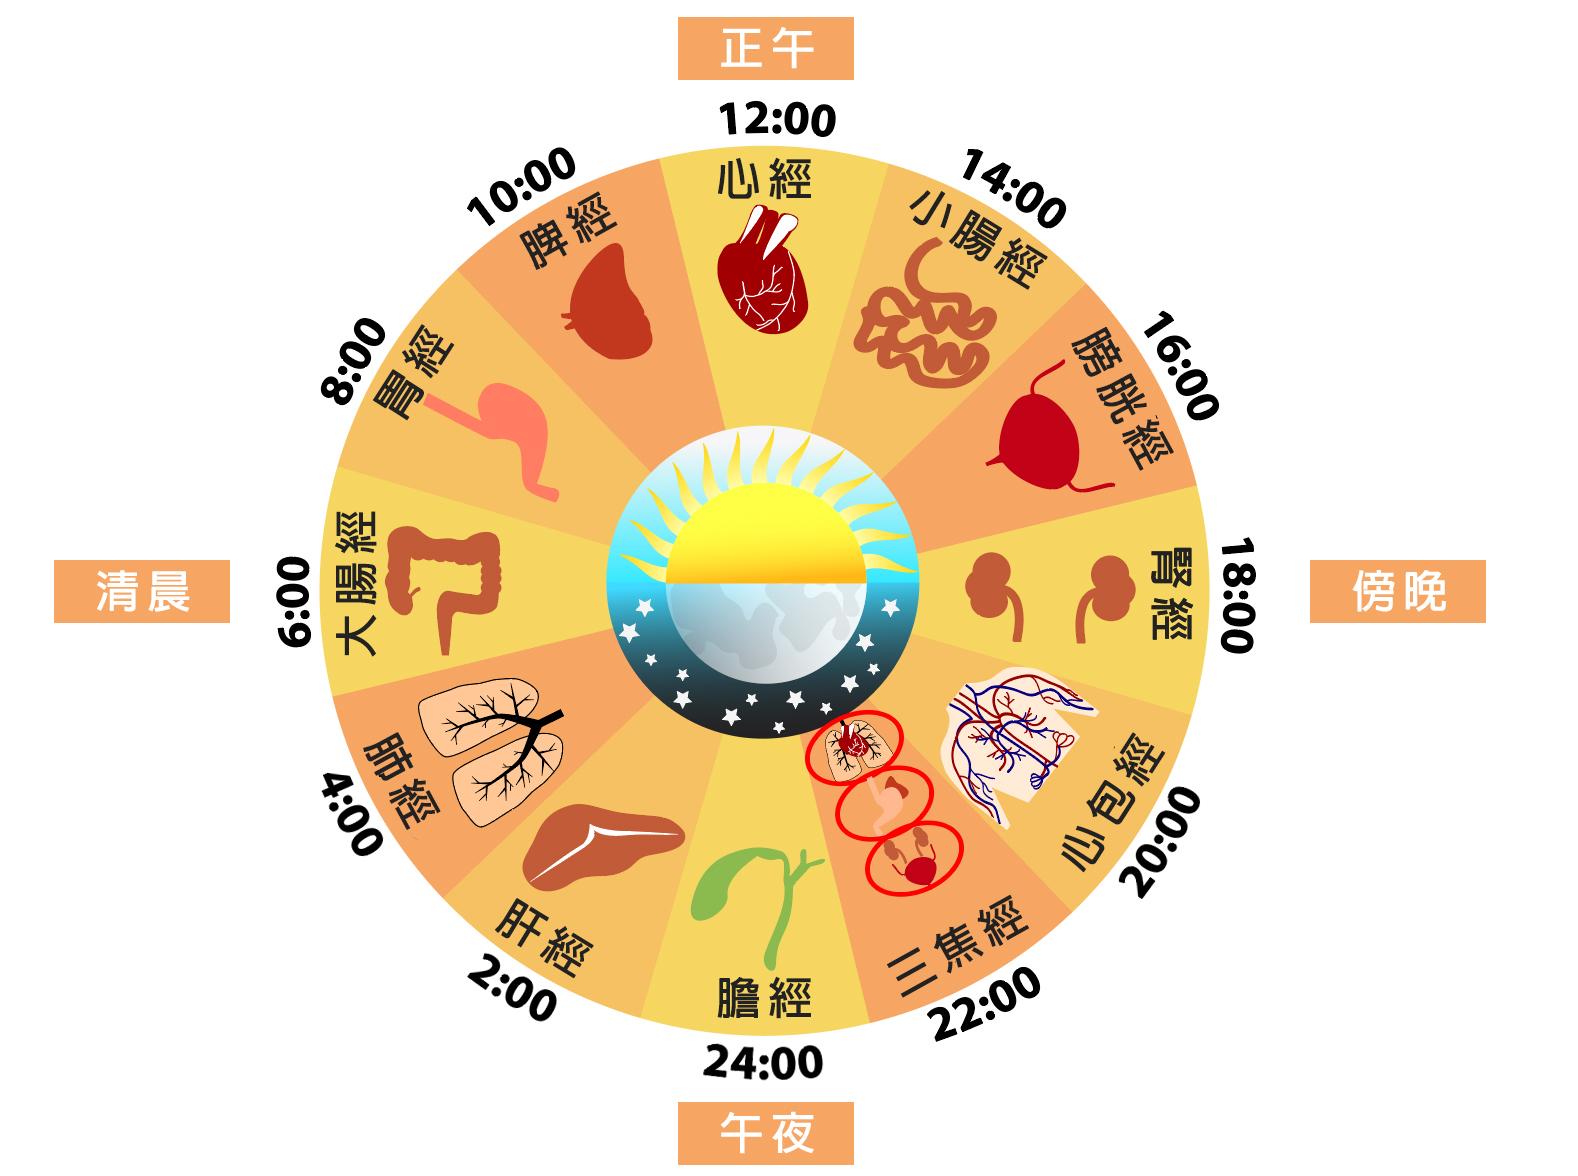 為何下午3點要喝水?中醫十二時辰養生法@小資女聰明消費網 vs 寶貝成長營~字卡王國 PChome 個人新聞臺